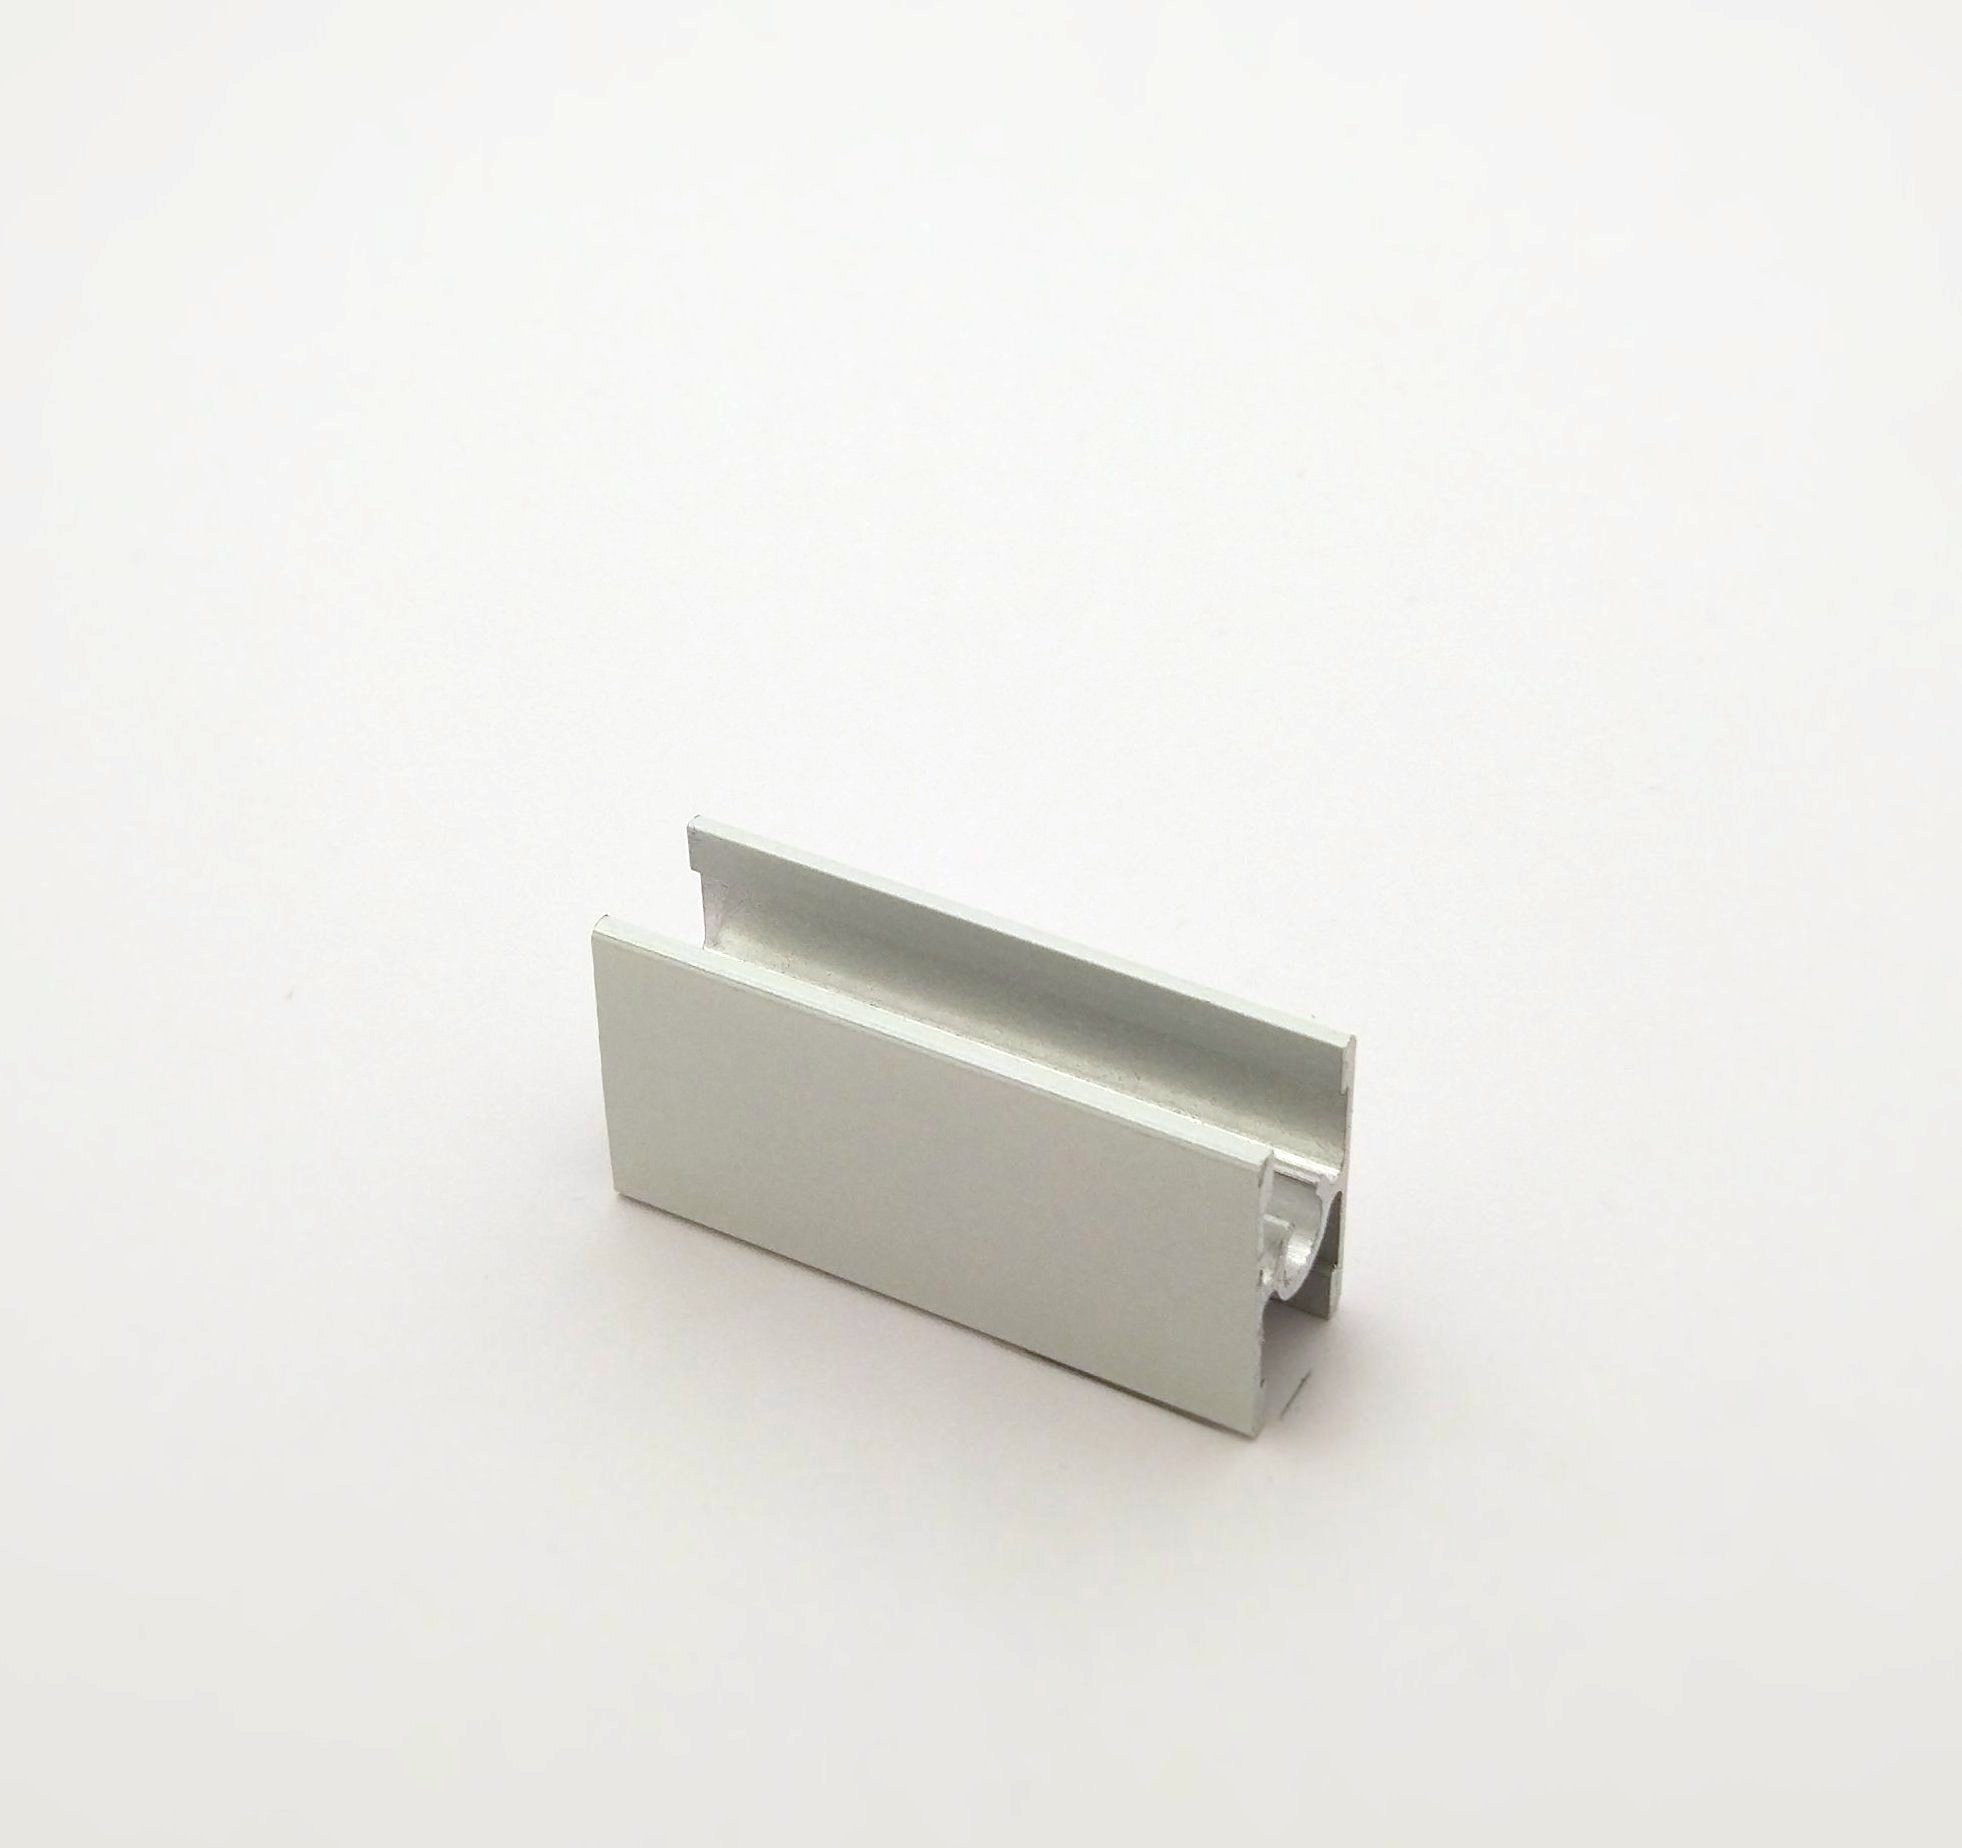 АФ Профиль соединительный под винт 229, жемчуг, 6000мм